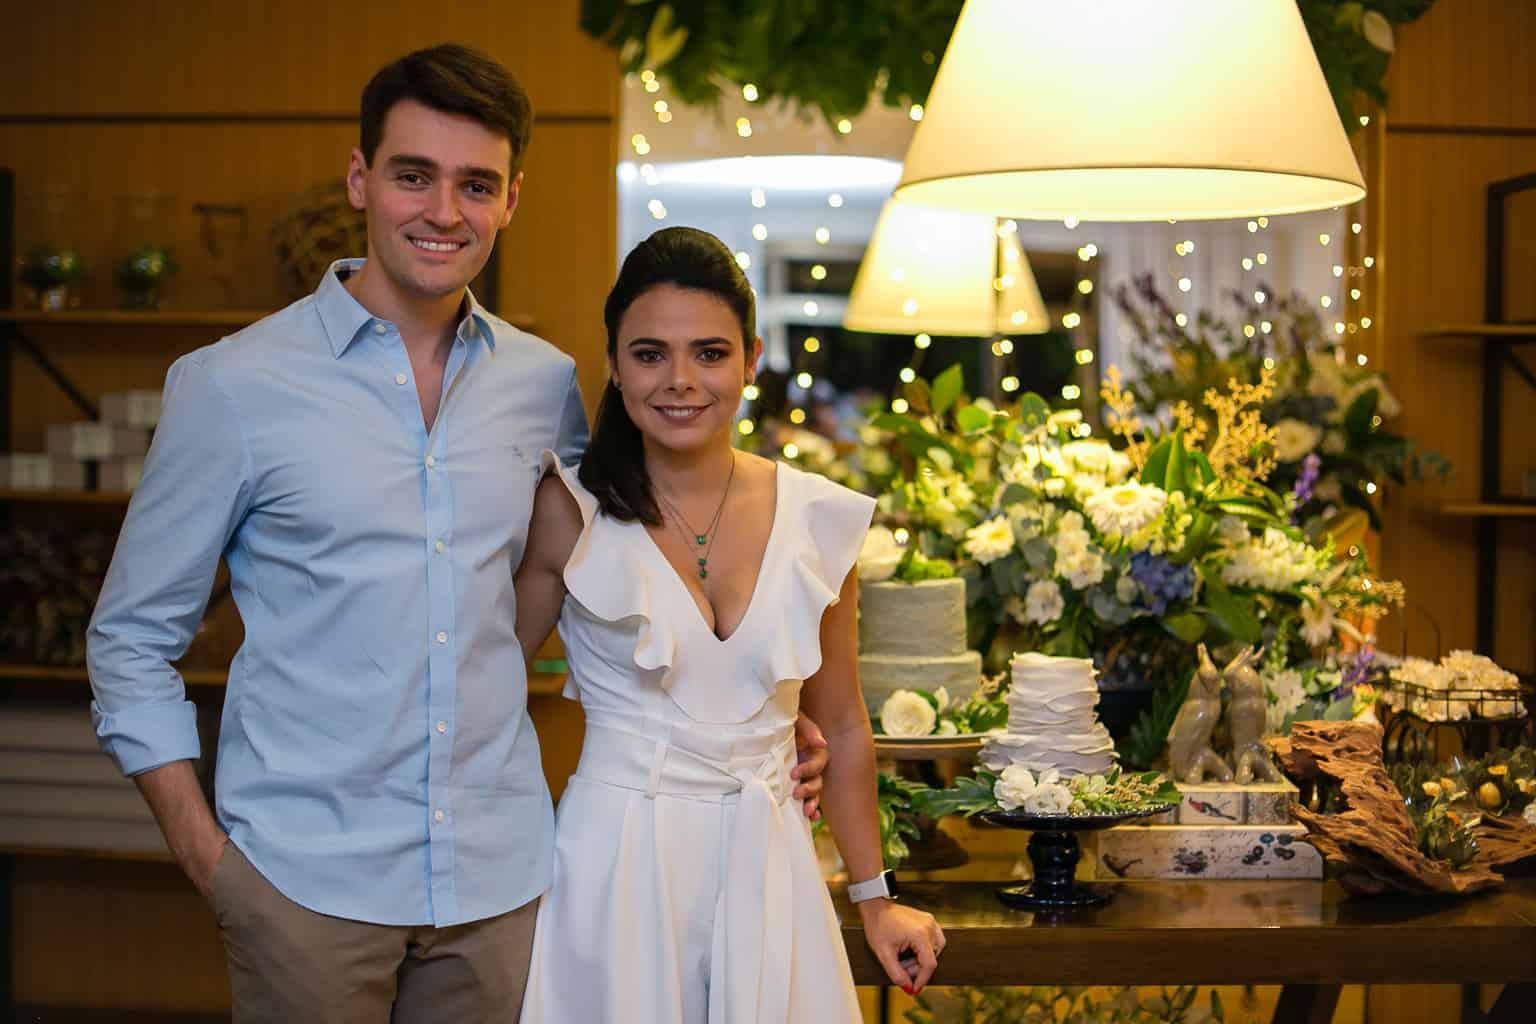 noivado-casamenot-Carolina-e-Thiago-casamento-clássico-Rio-de-Janeiro-Fotografia-Marina-Fava1